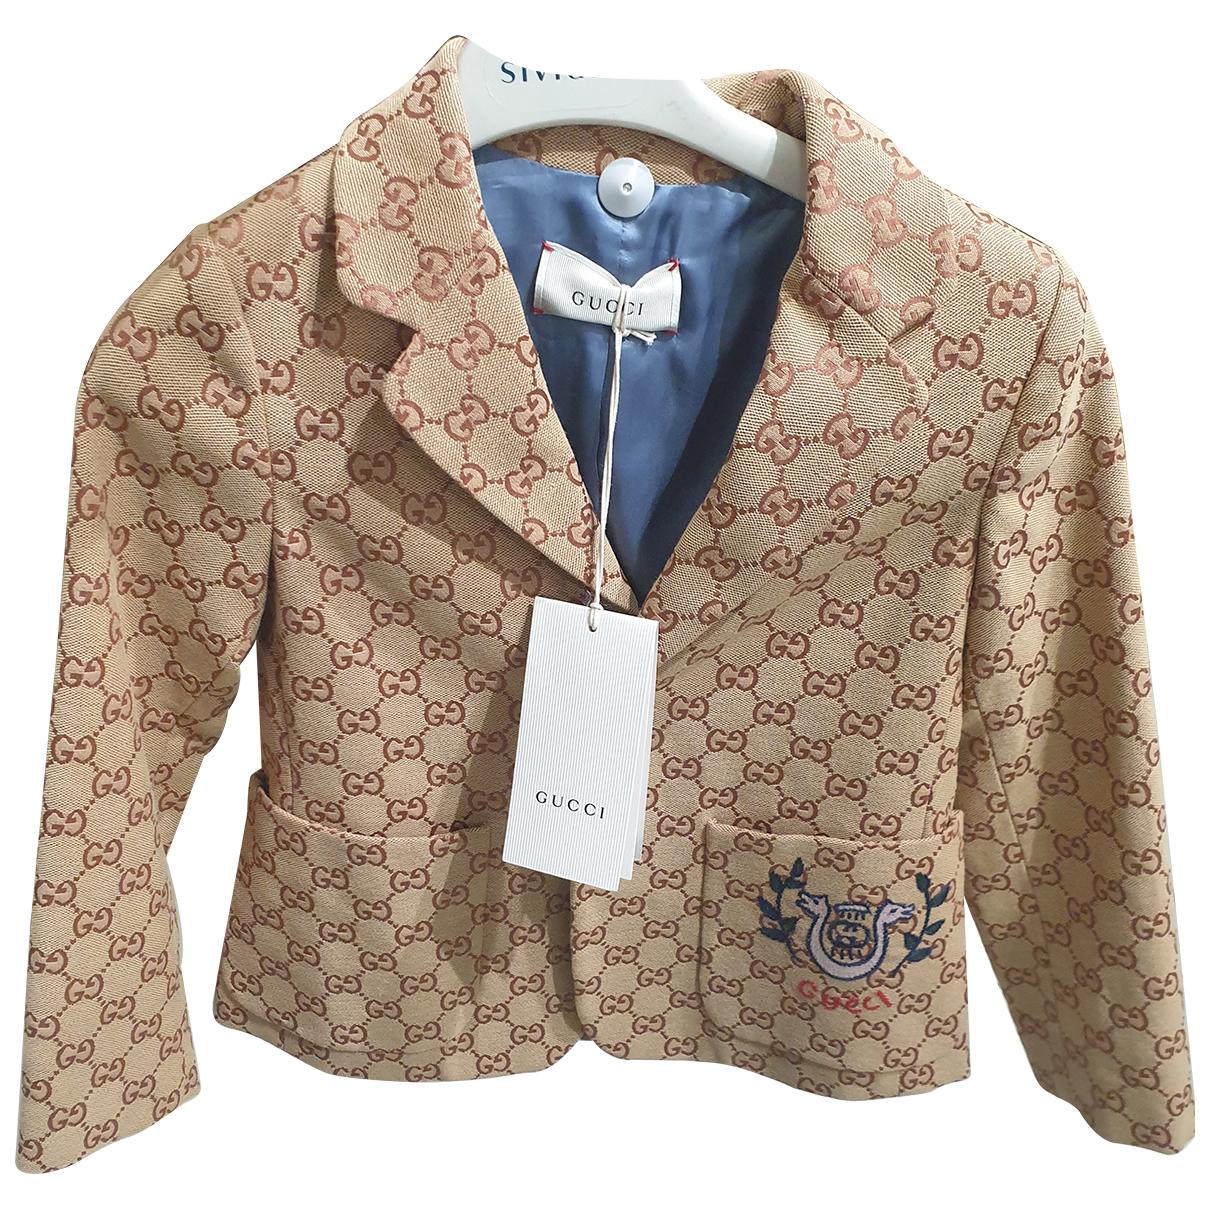 Gucci \N Jacke, Maentel in  Braun Baumwolle